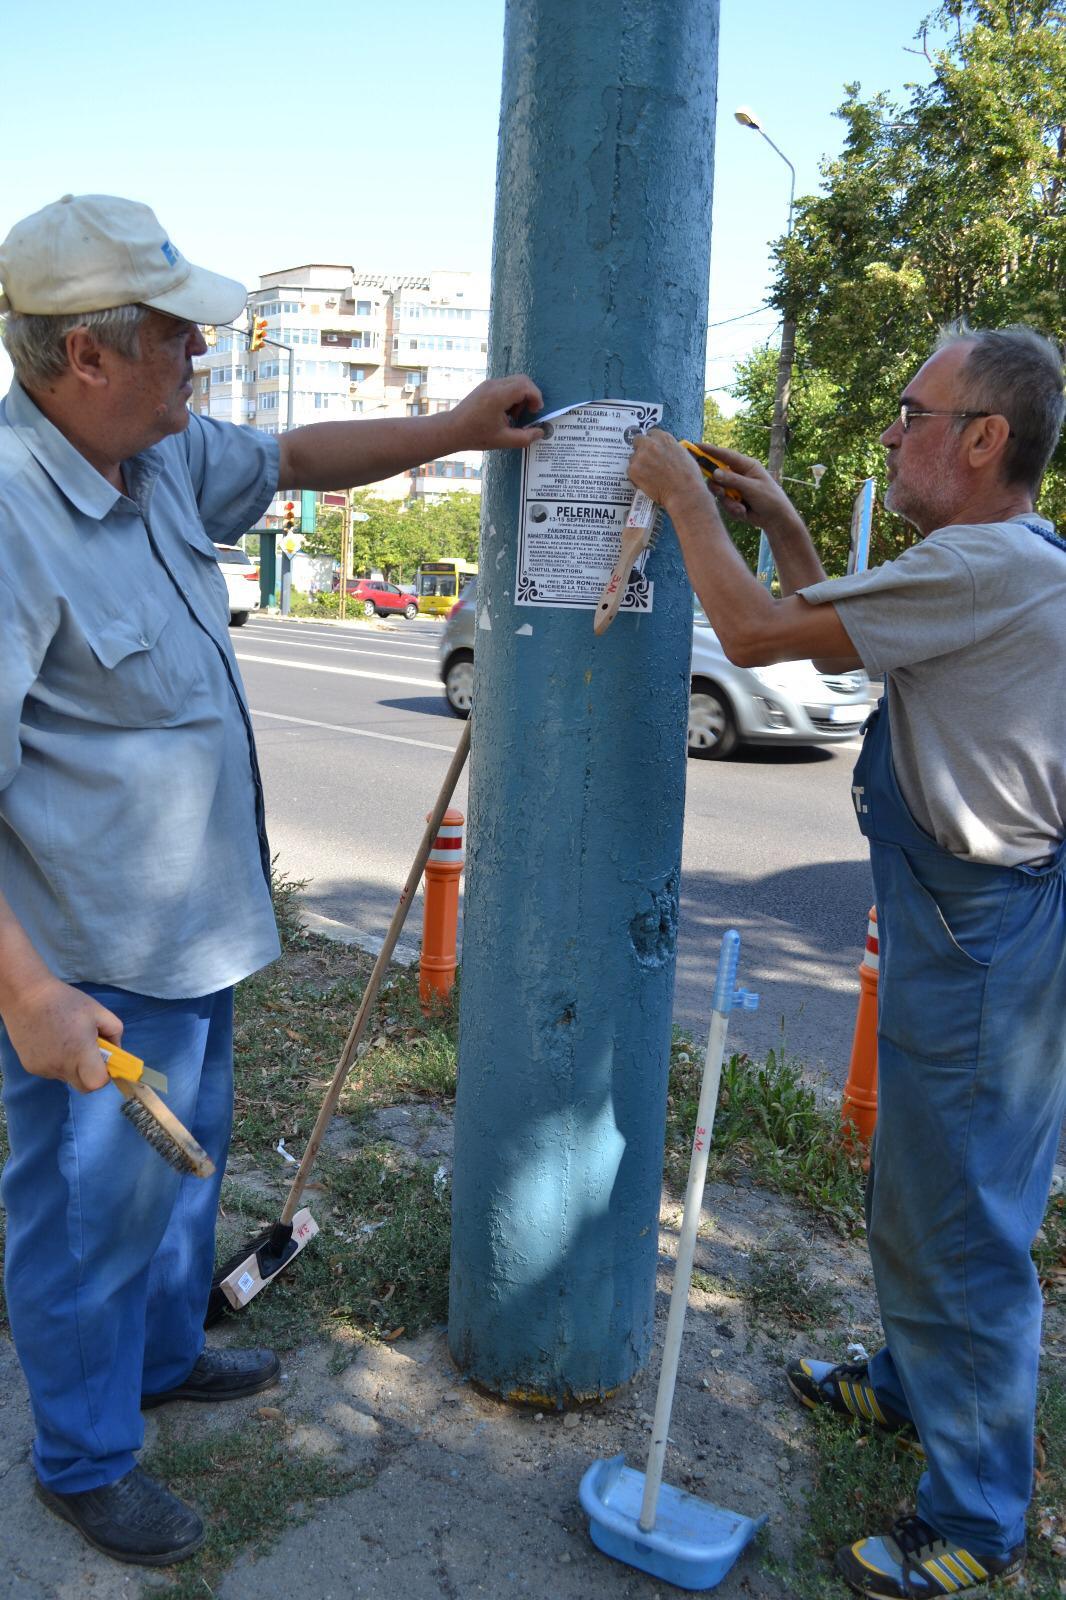 campanie eliminare afisaj stradal ilegal 4